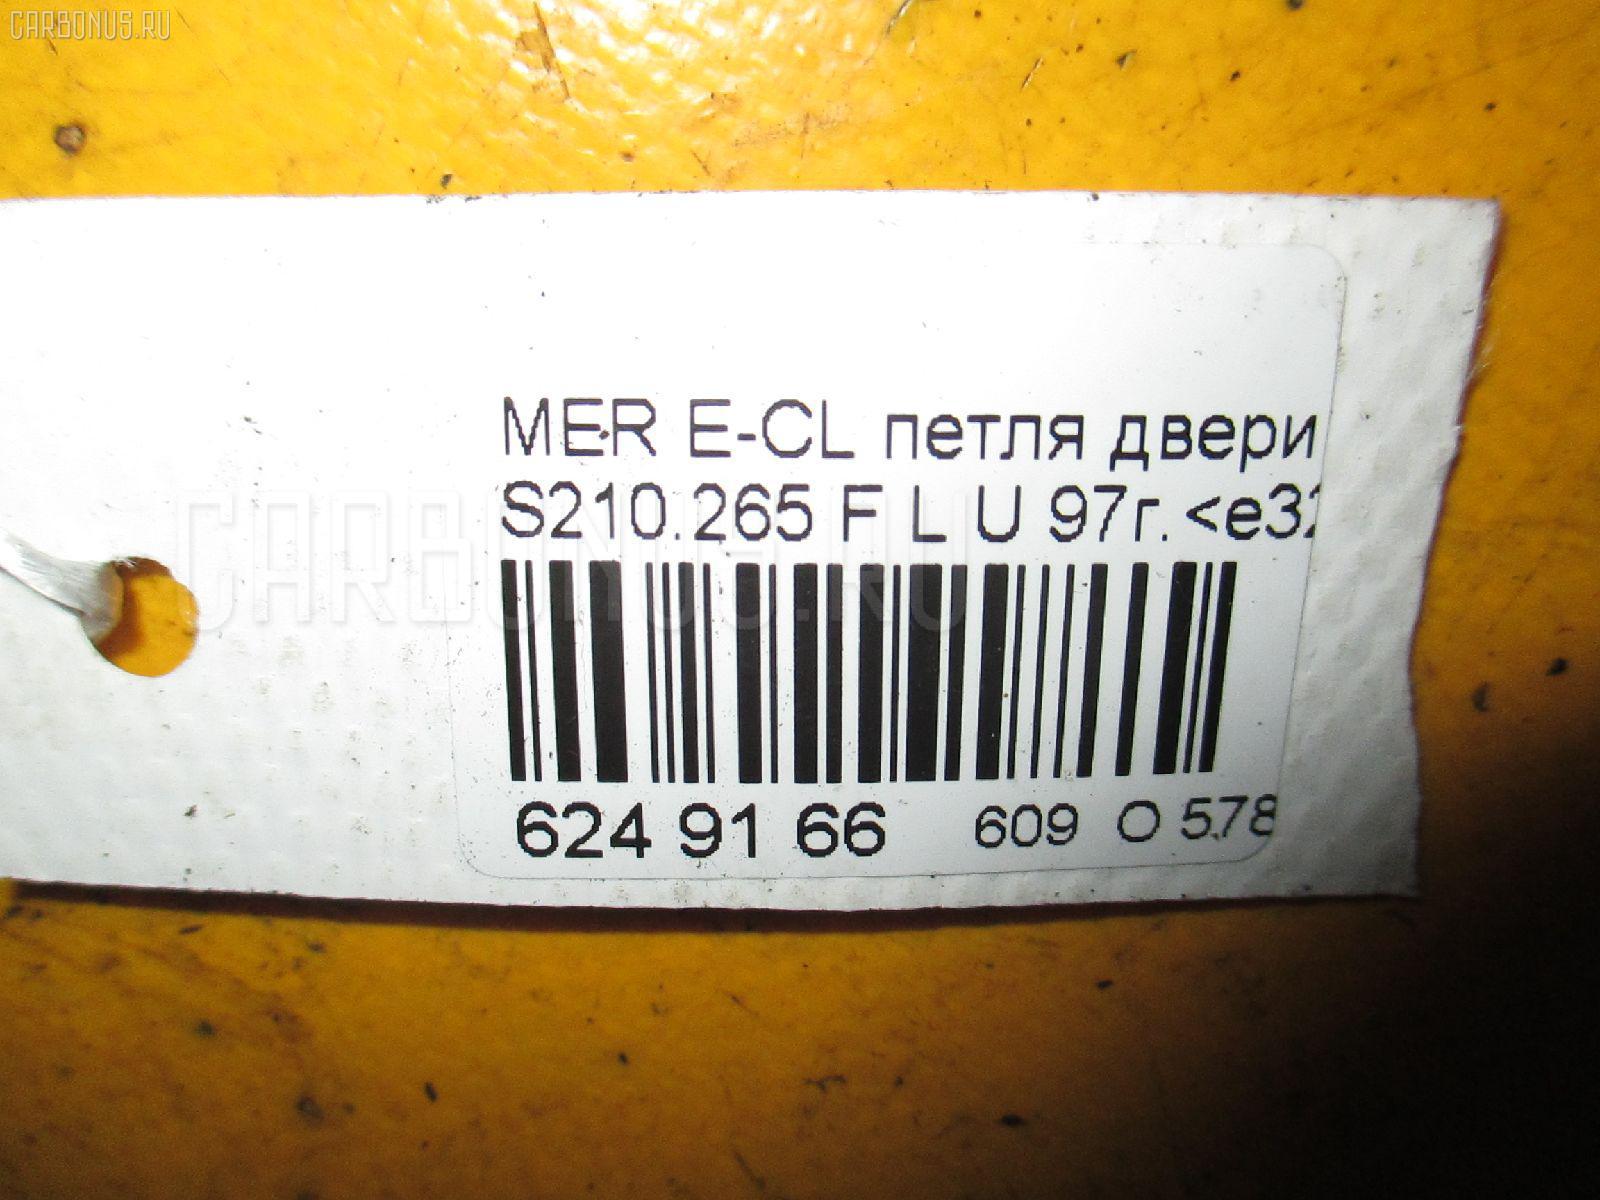 Петля двери шарнирная MERCEDES-BENZ E-CLASS STATION WAGON S210.265 Фото 7